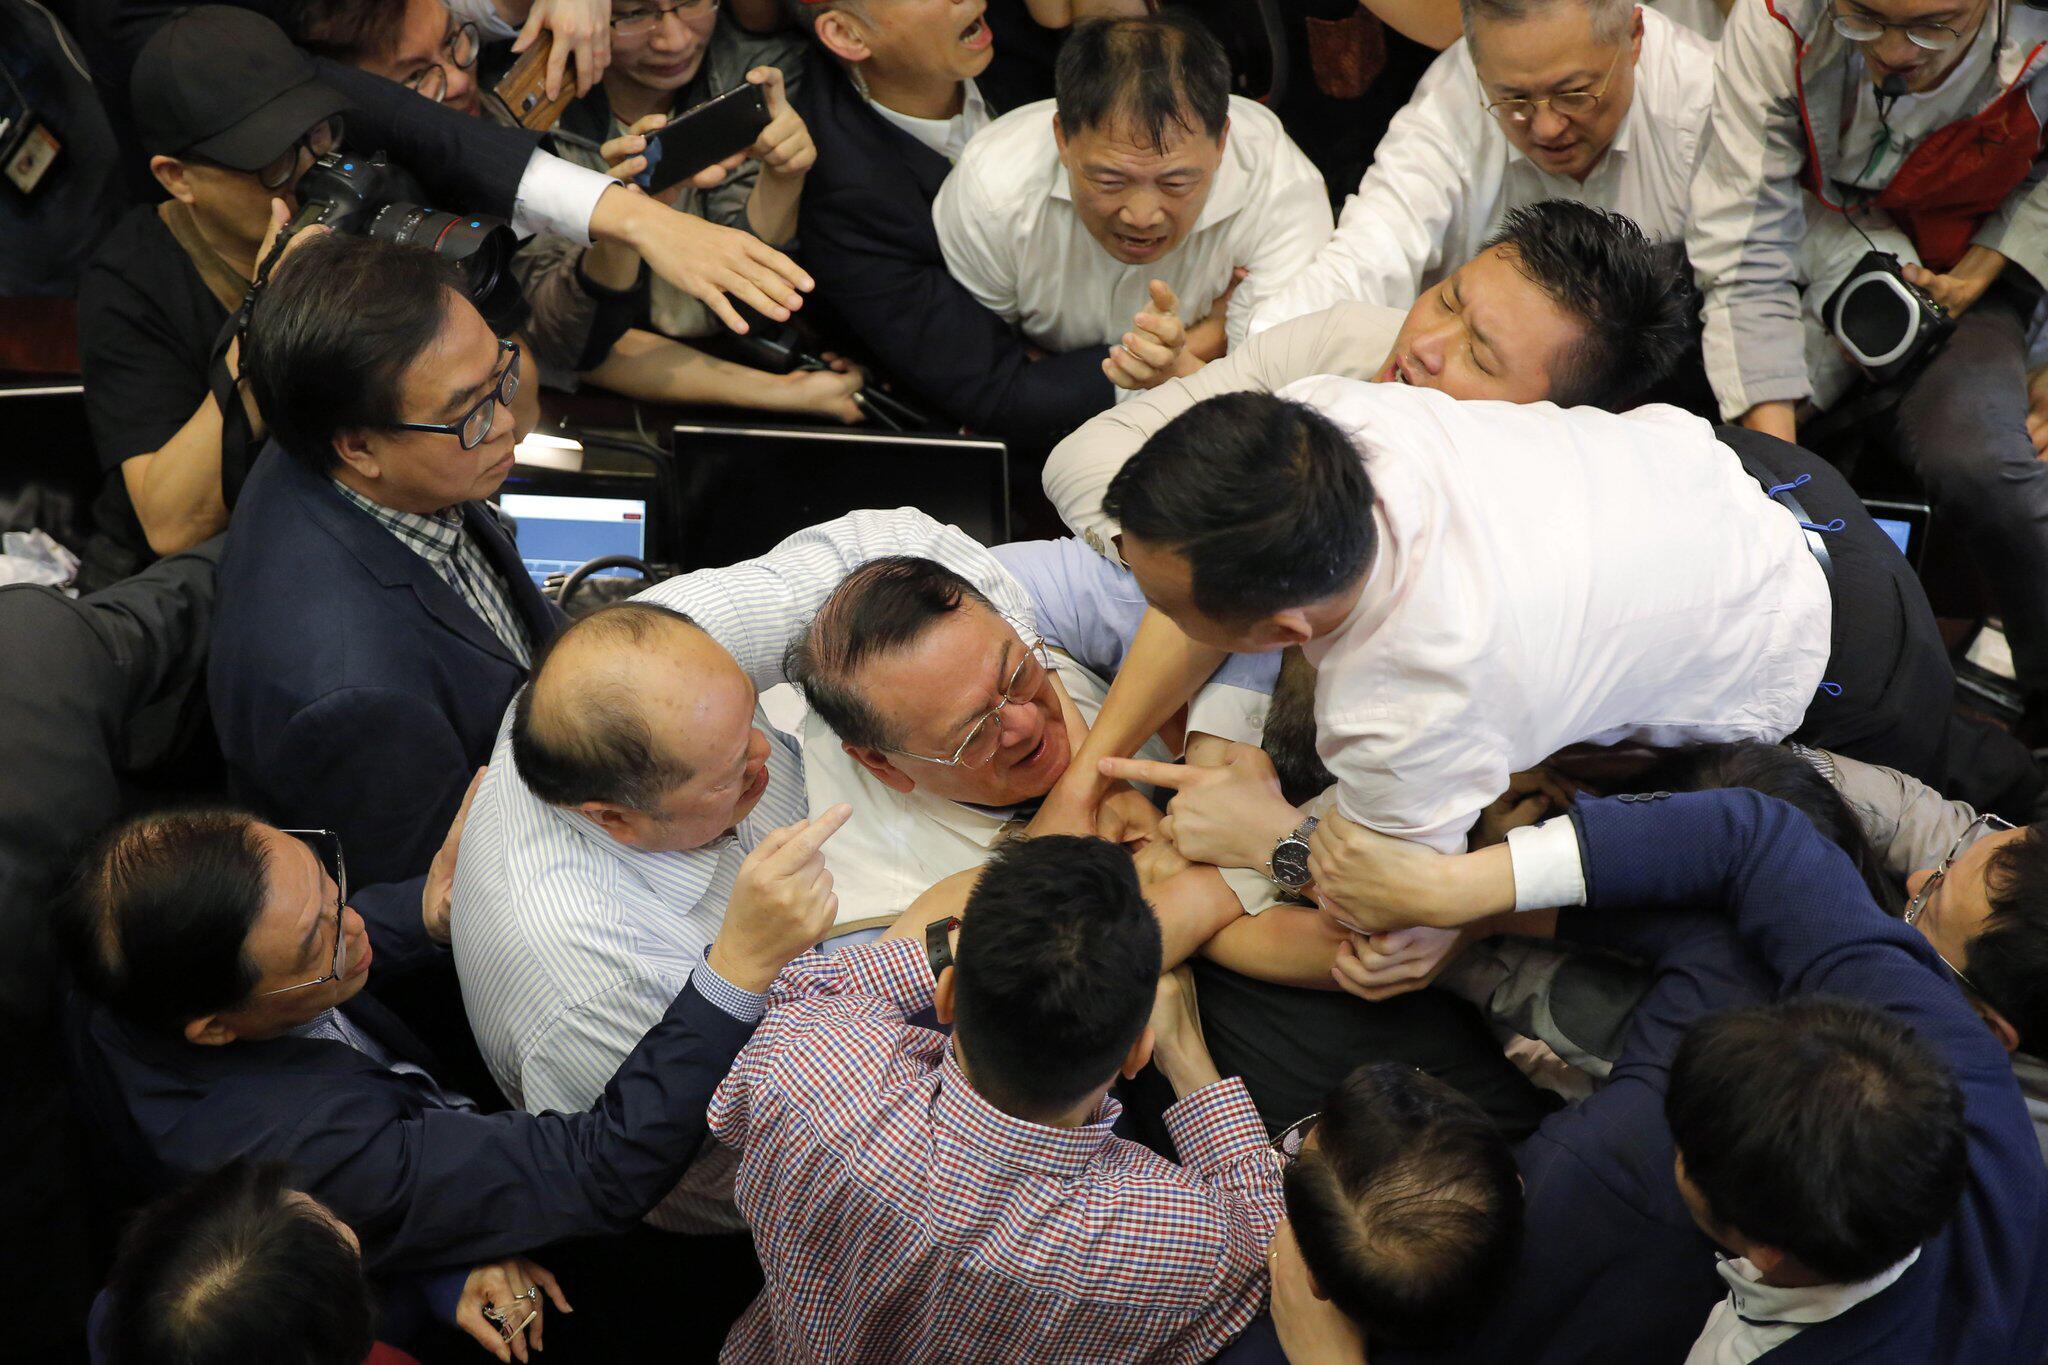 Bild zu Auseinandersetzung, Parlament, Hongkong, Streit, Schlägerei